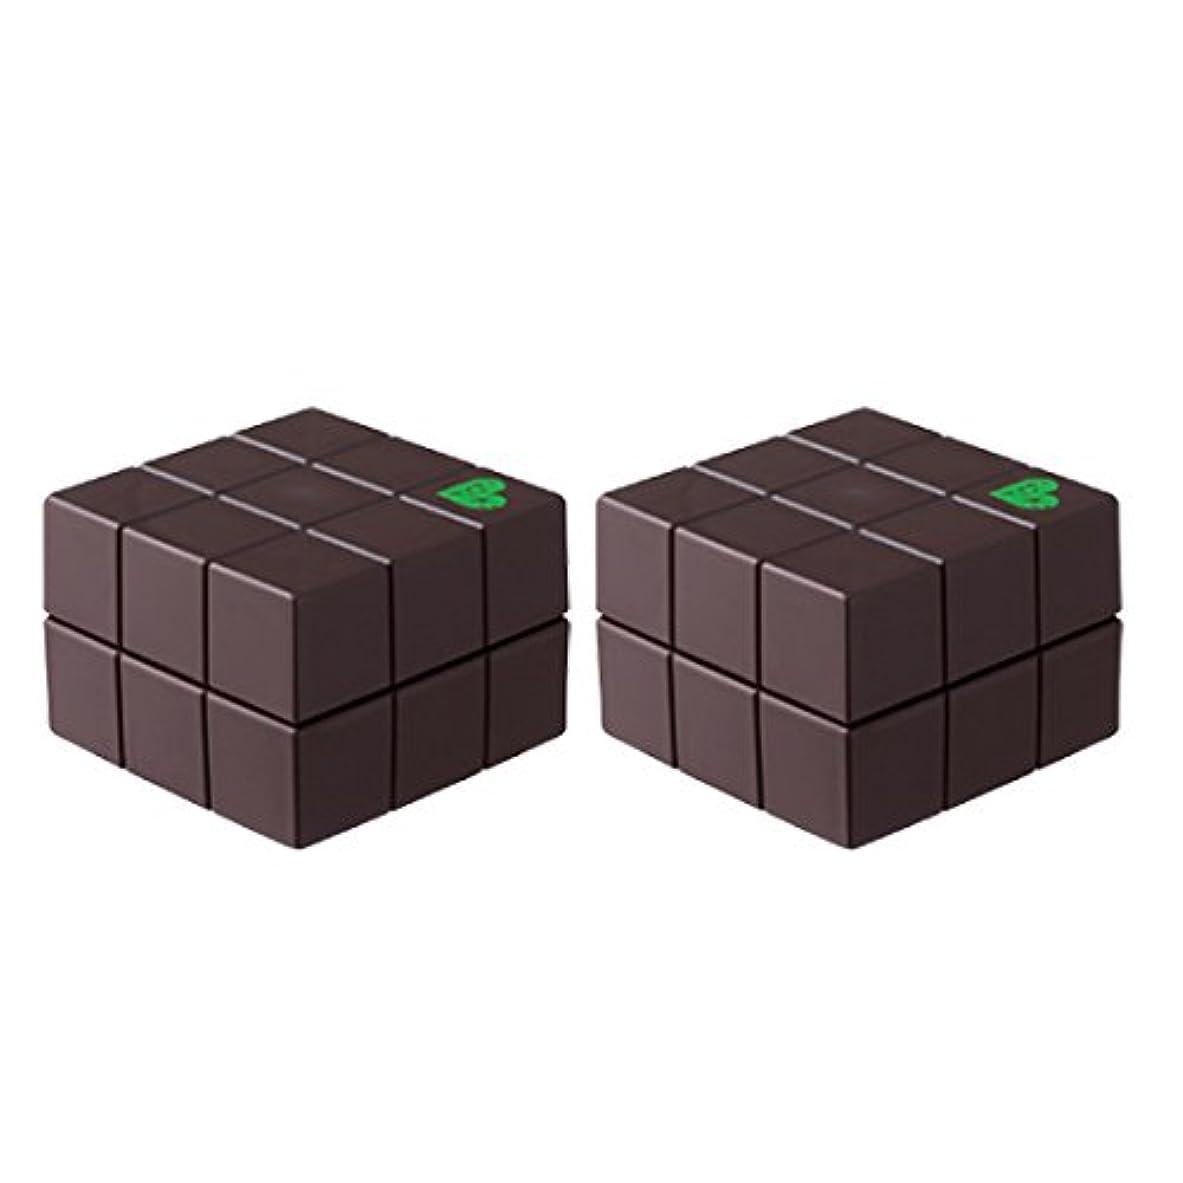 正確不足真剣に【x2個セット】 アリミノ ピース プロデザインシリーズ ハードワックス チョコ 40g